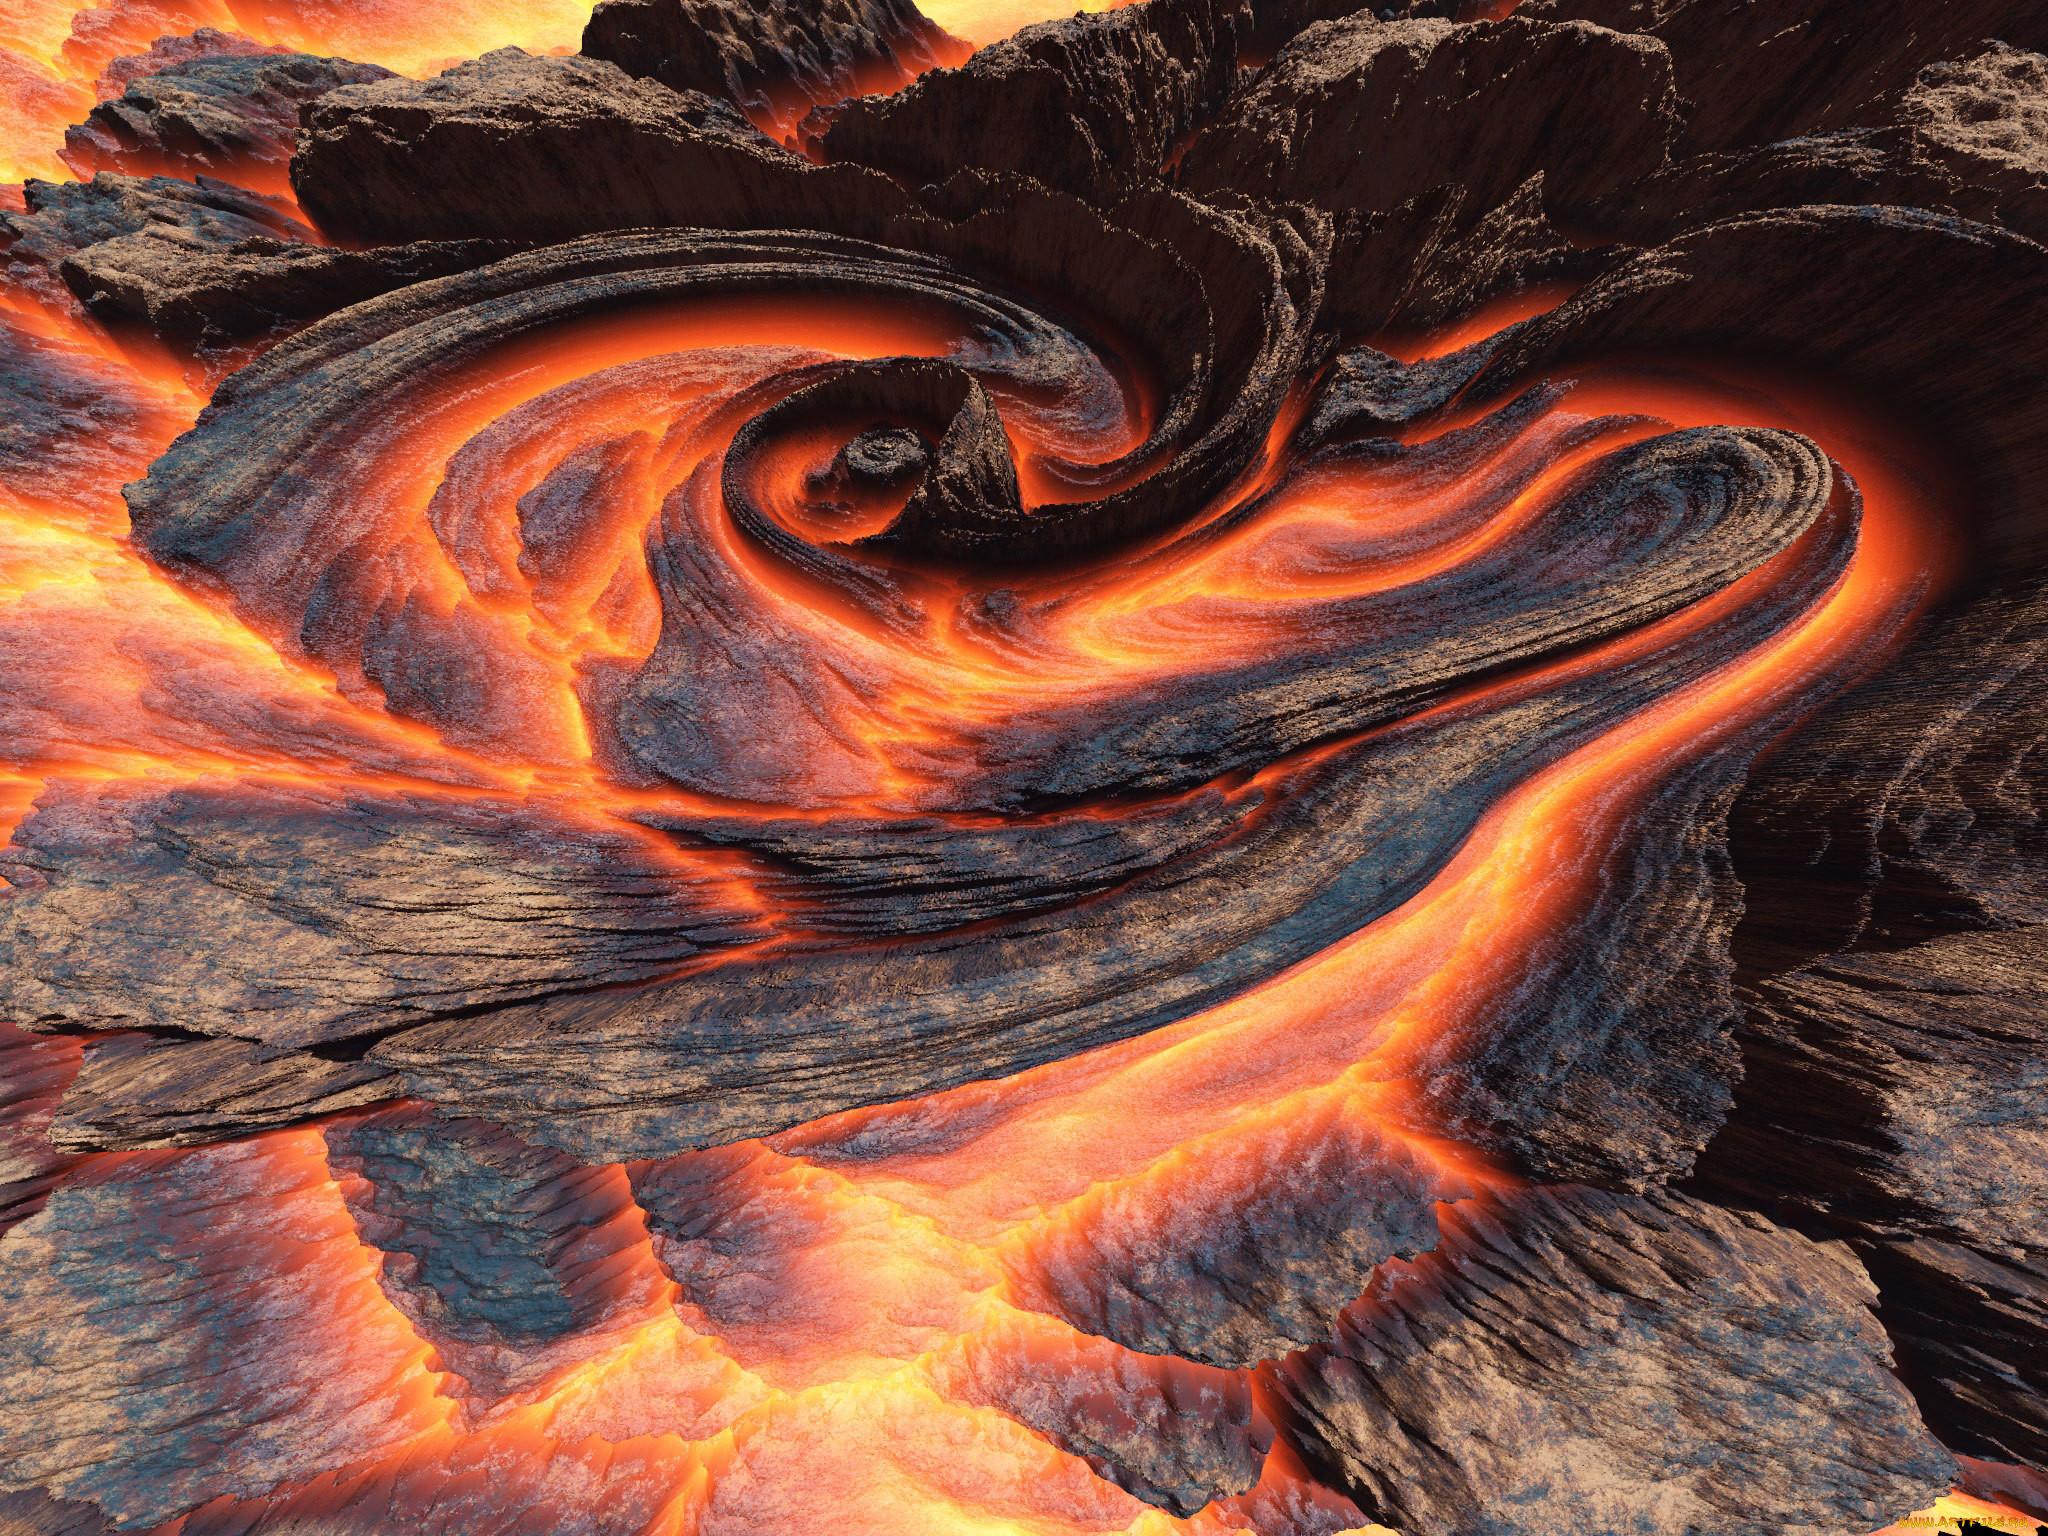 доза опасного картинка магма земли первый взгляд казалось